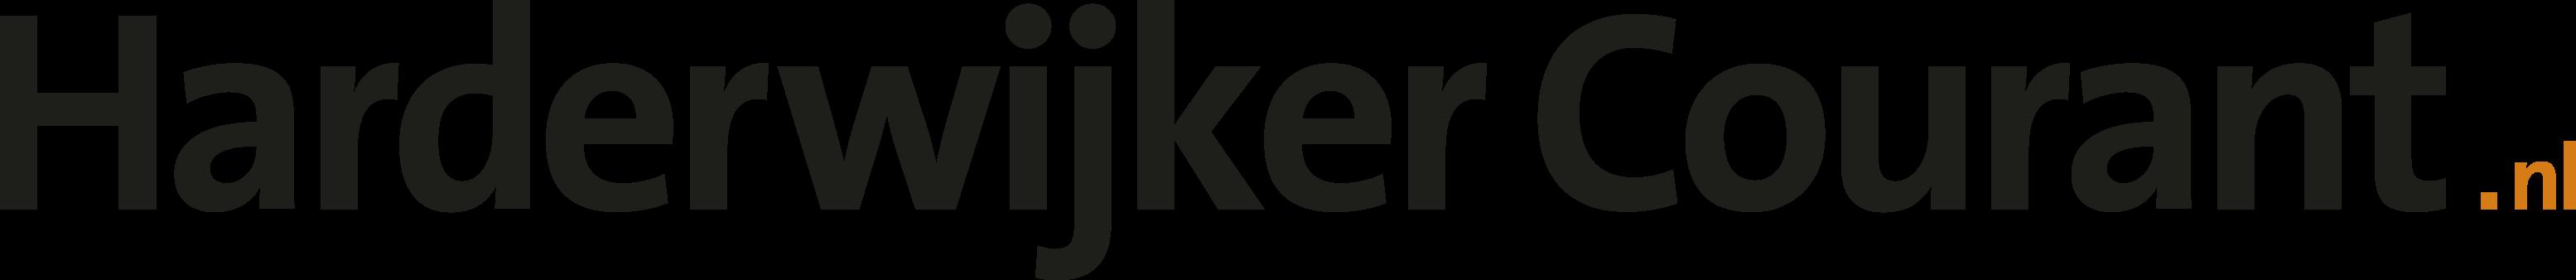 Logo harderwijkercourant.nl